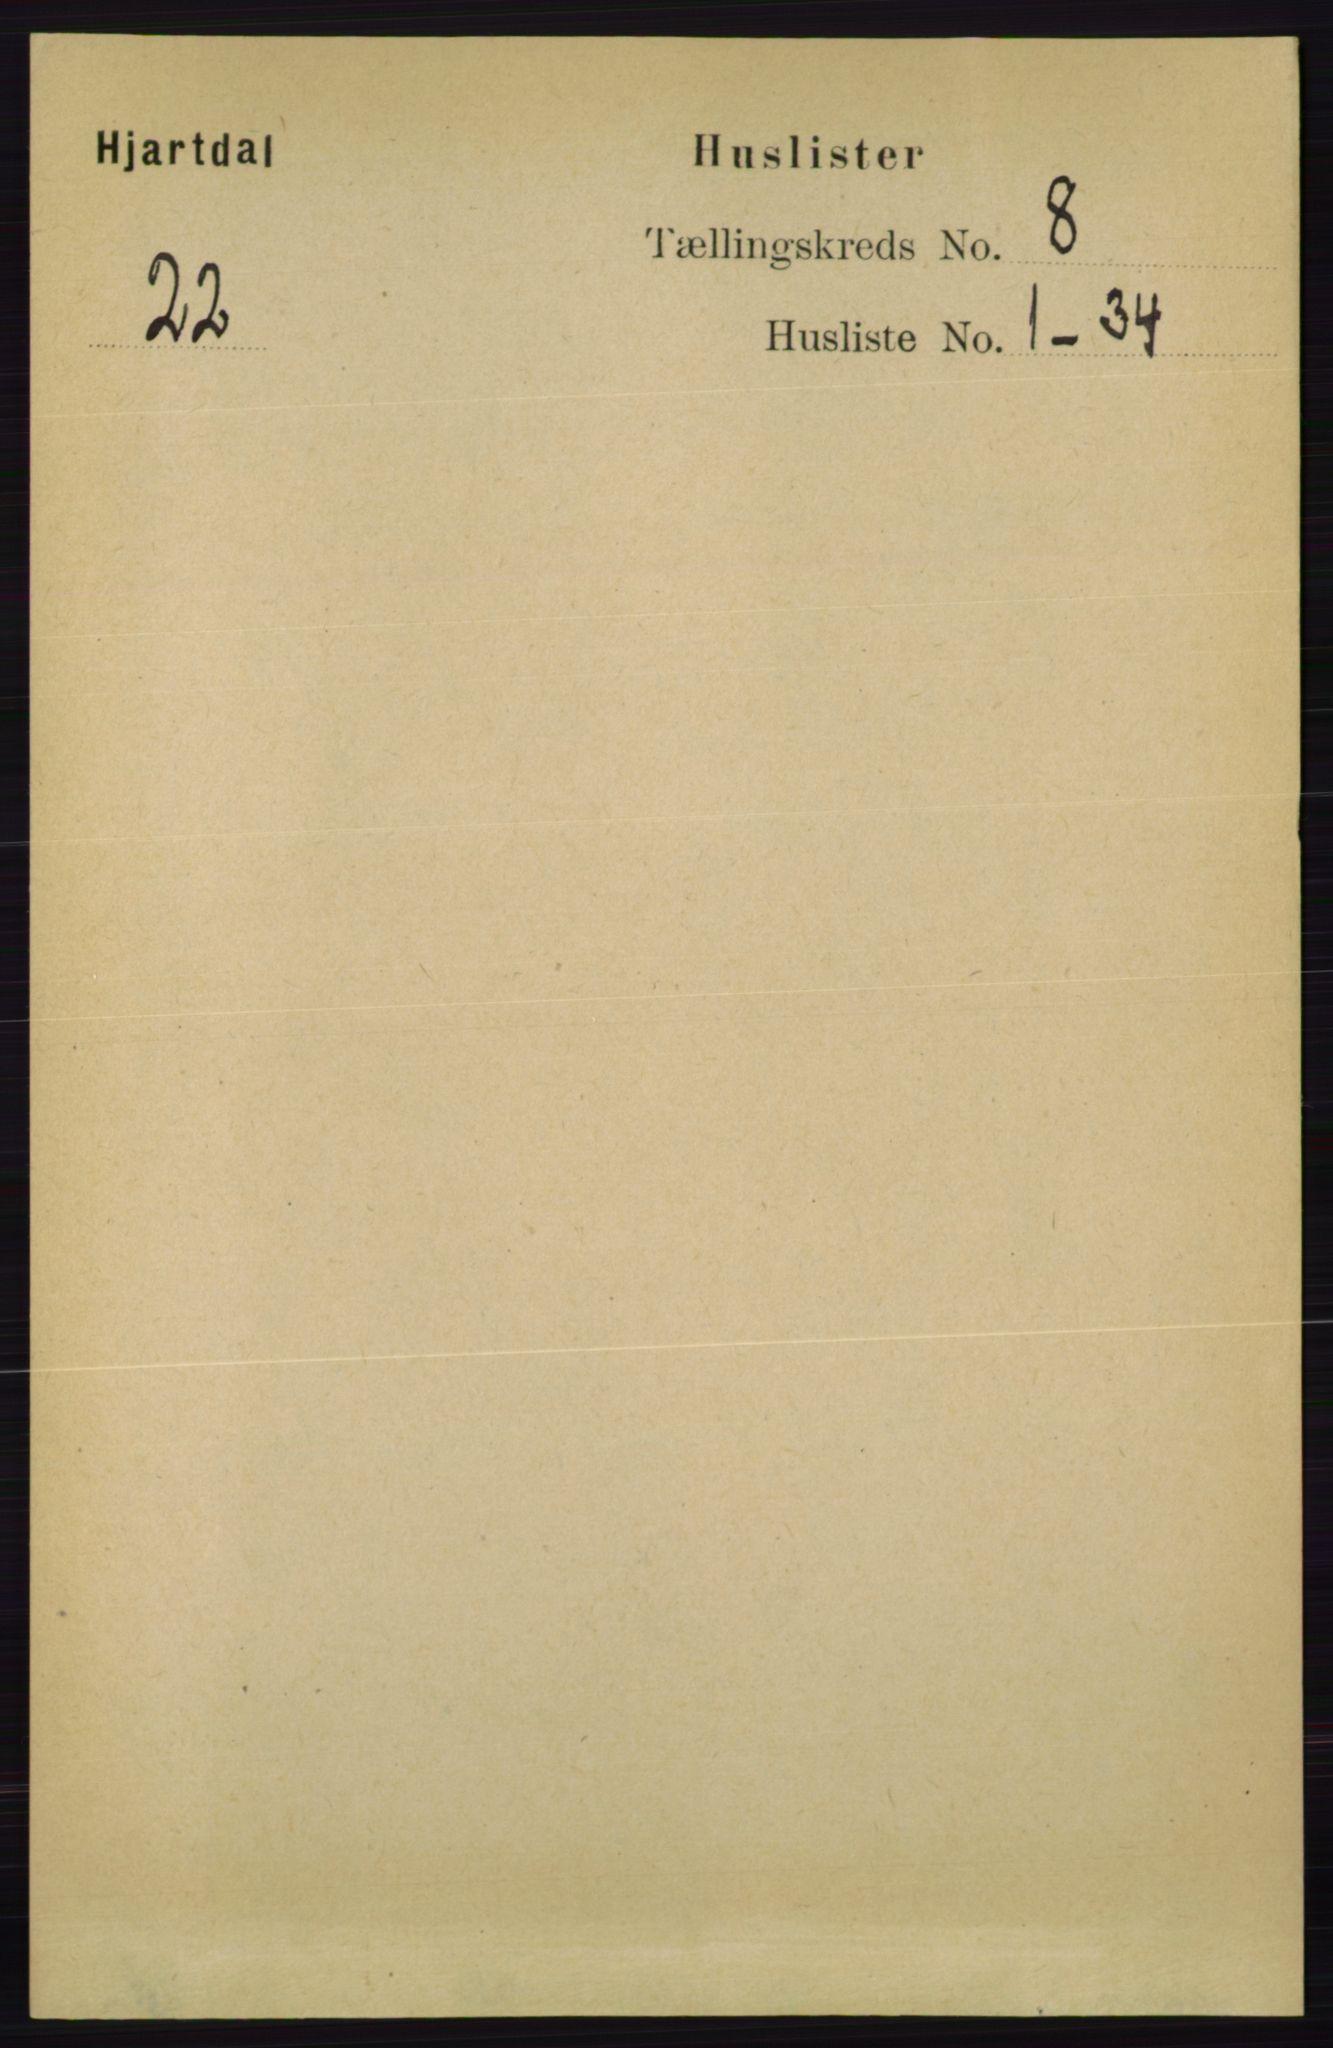 RA, Folketelling 1891 for 0827 Hjartdal herred, 1891, s. 2770